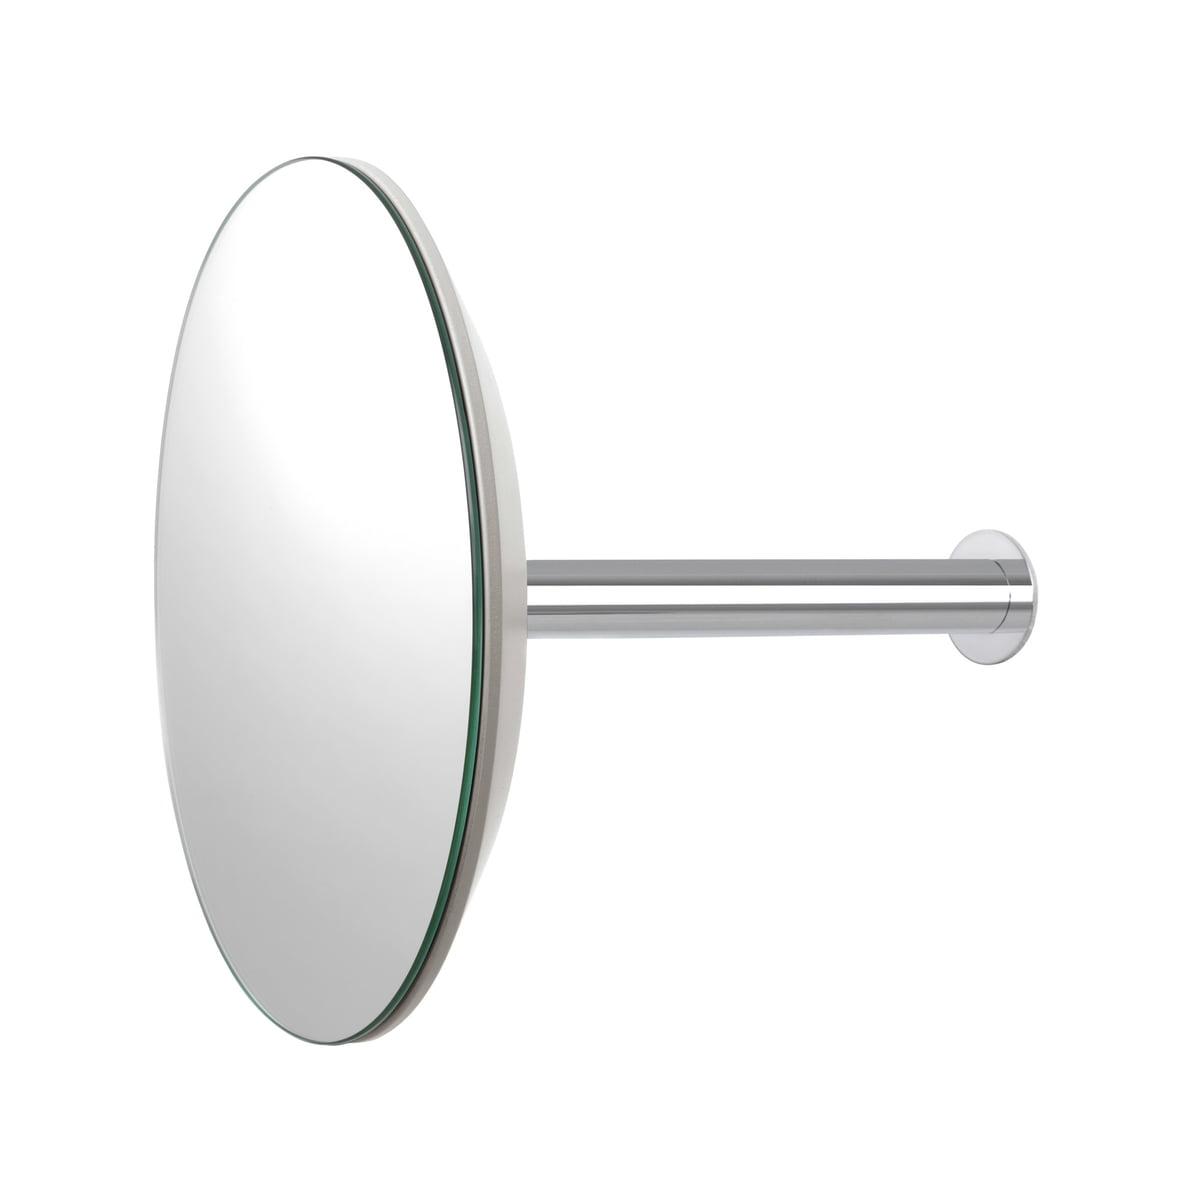 sch nbuch slot wandgarderobe mit spiegel 24 cm grau. Black Bedroom Furniture Sets. Home Design Ideas